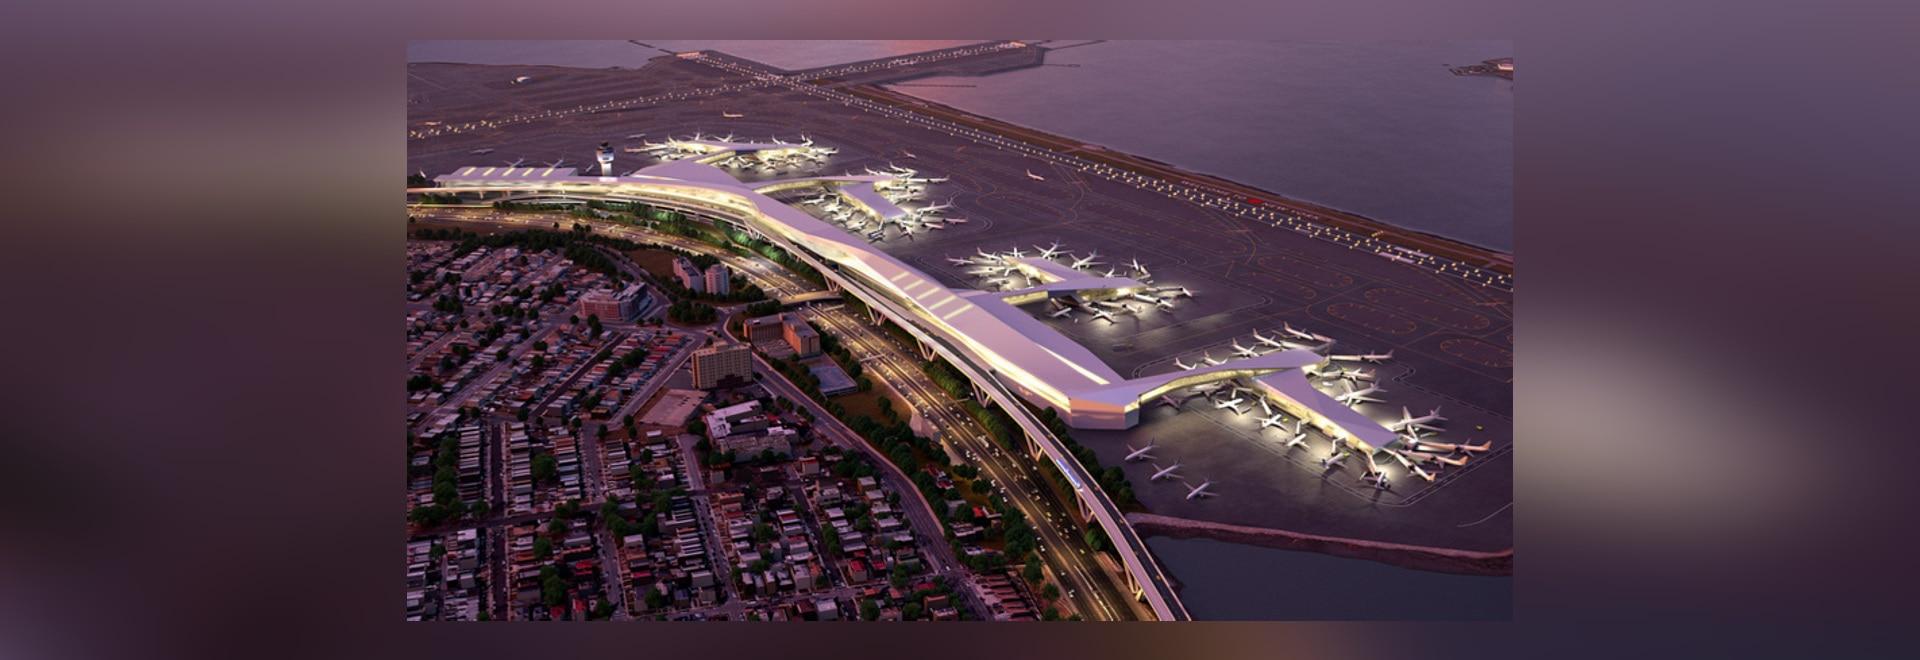 La Guardia deckt Pläne auf, um New York zu holen Luft-reisen in das 21. Jahrhundert